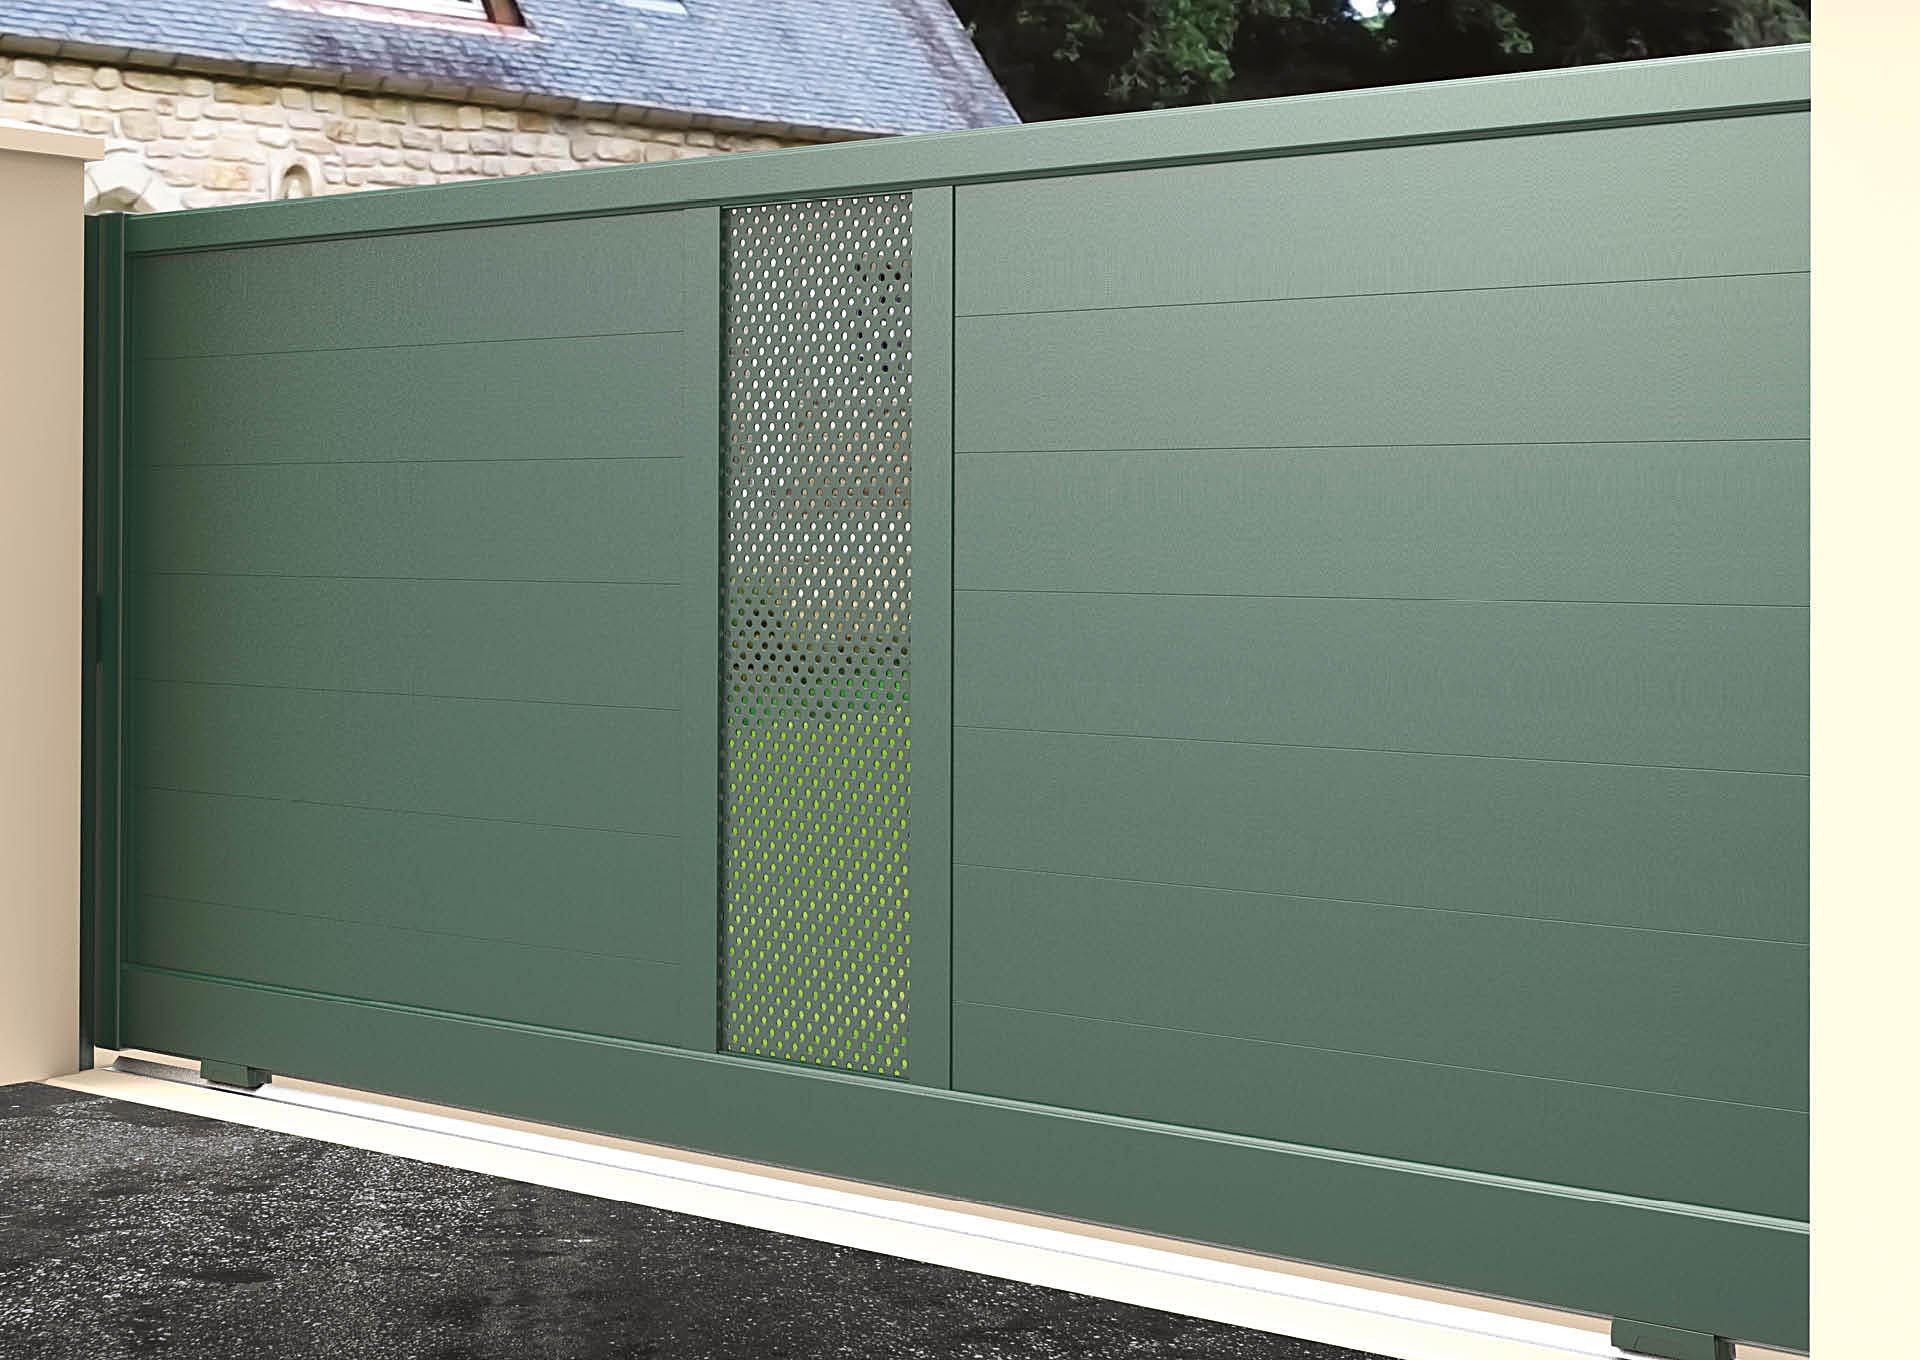 Portail coulissant aluminium Lames horizontales 200 mm + décor tôle perforée Ø6 mm